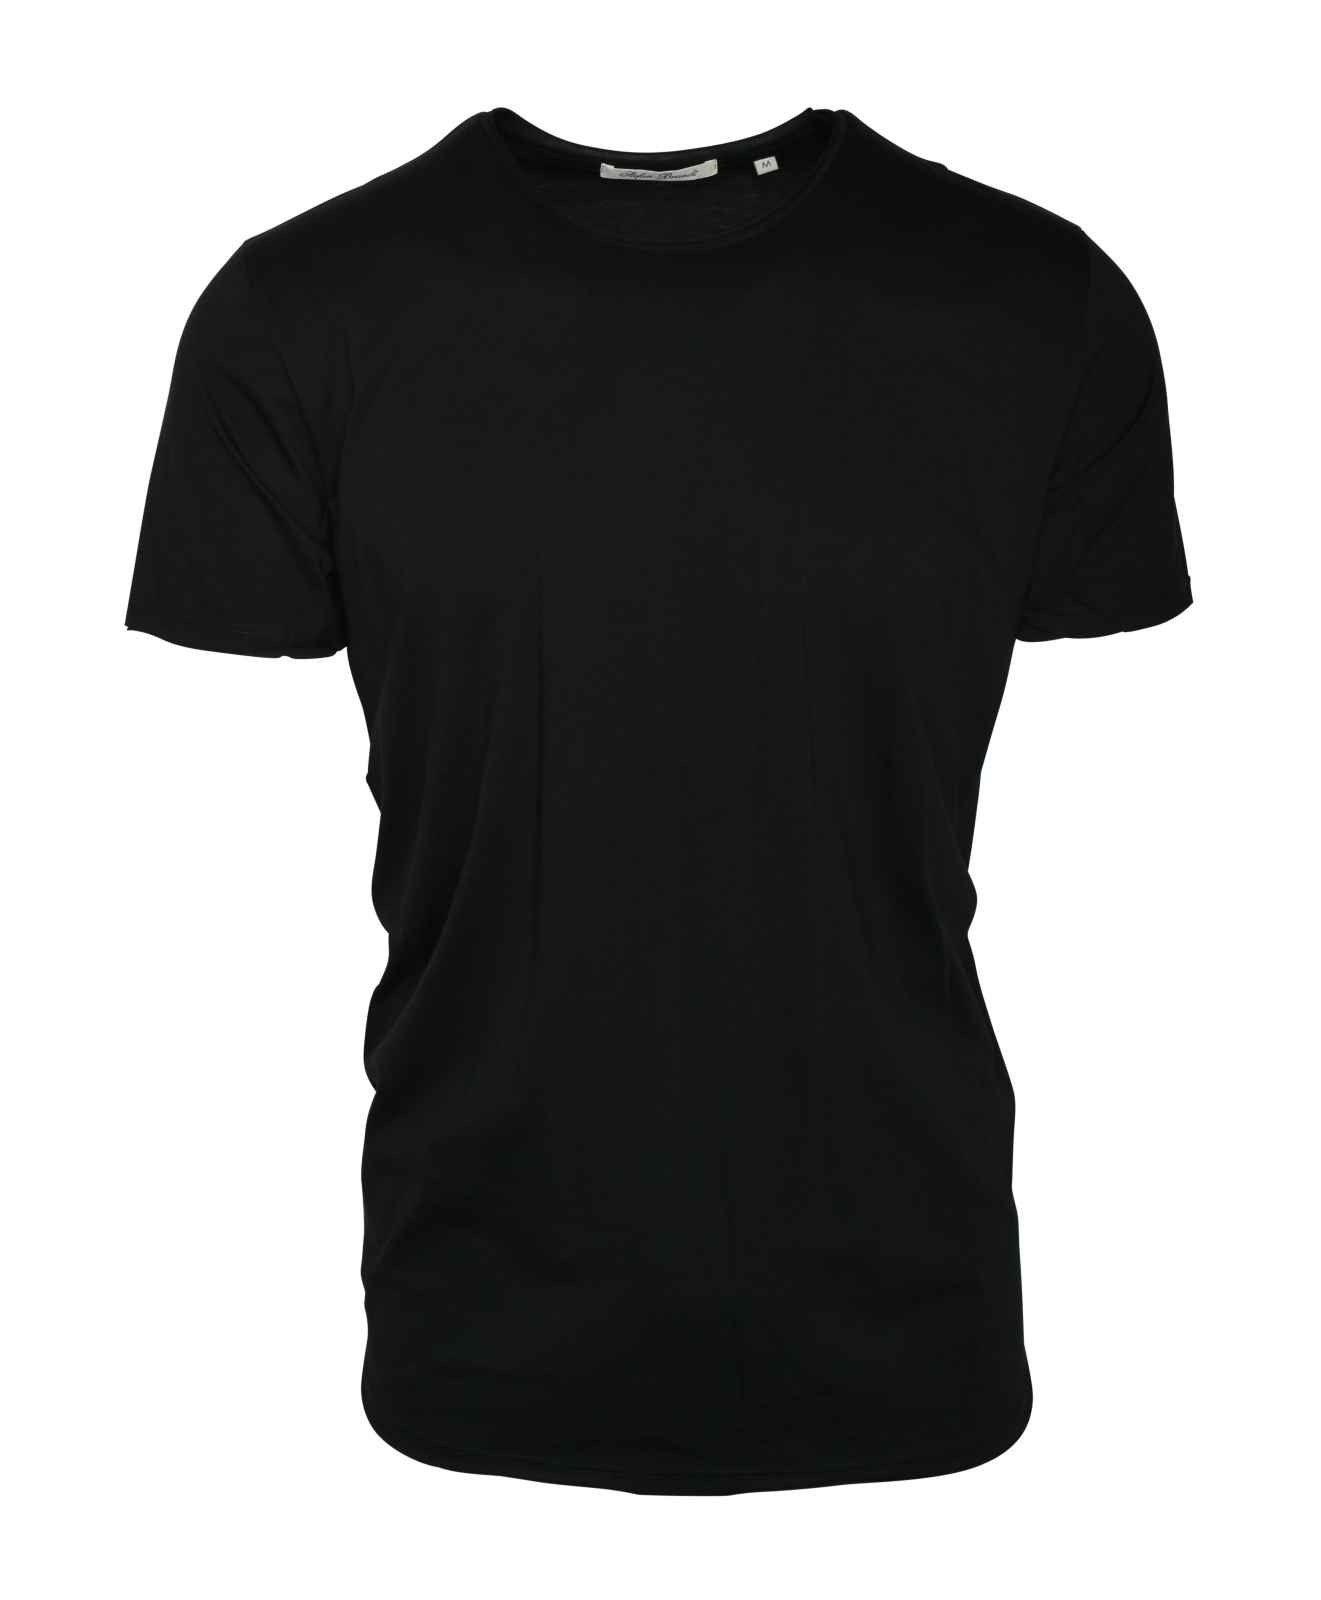 STEFAN BRANDT - Herren T-Shirt - Elia - Ingles